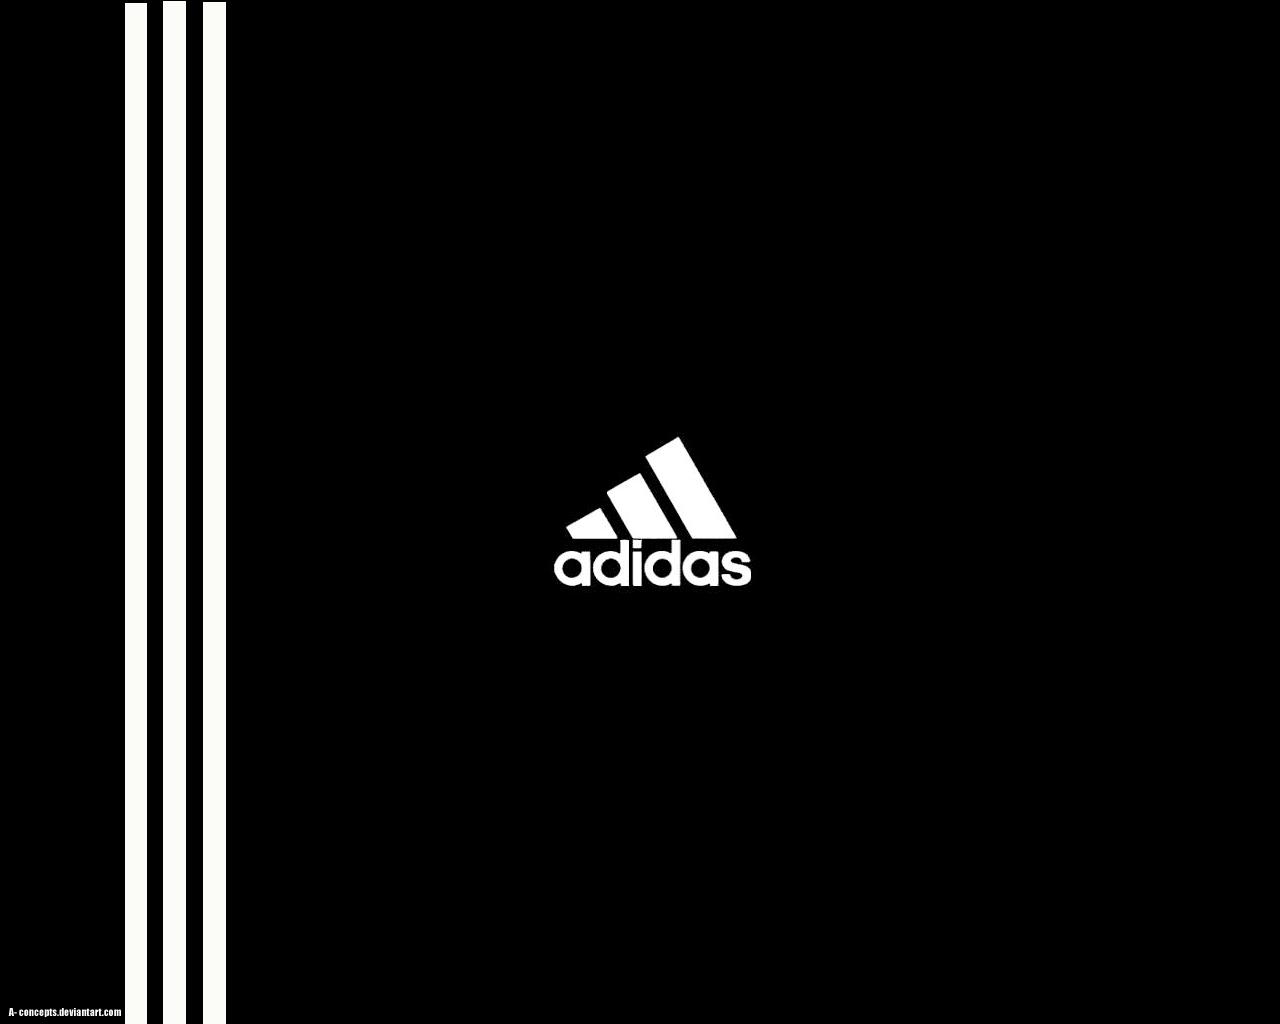 Adidas Logo n' Stripes